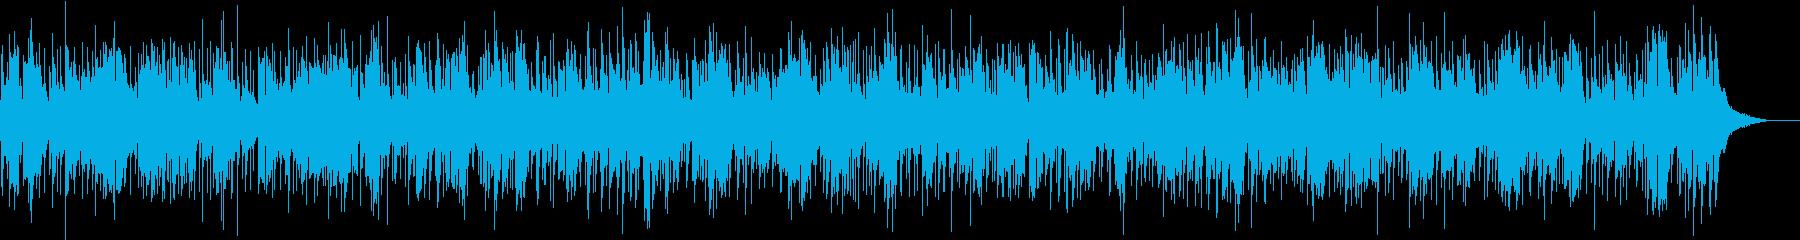 旅に似合うハーモニカ中心のポップスバンドの再生済みの波形